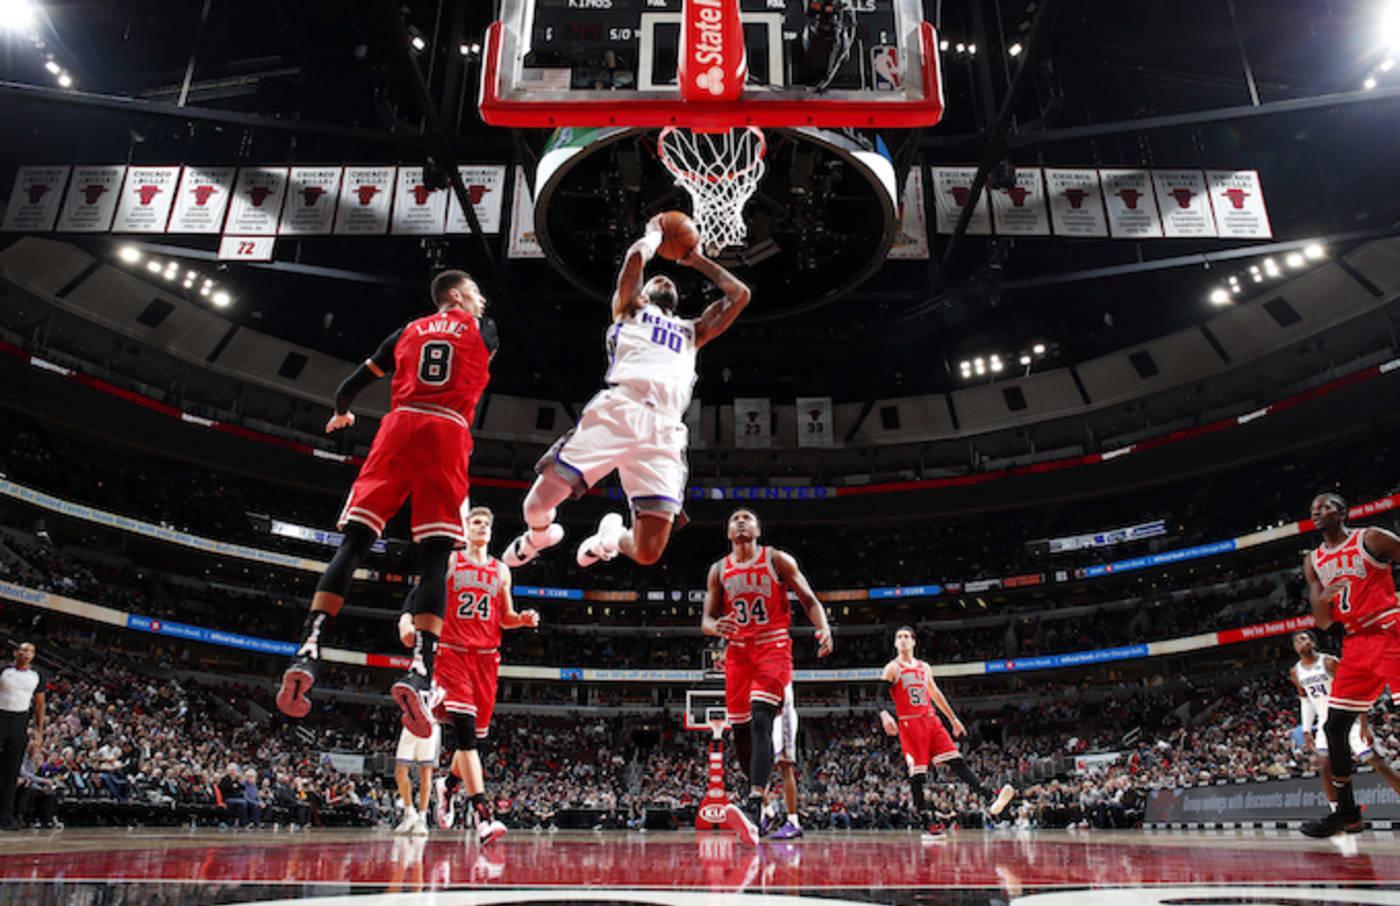 Bulls vs. Kings